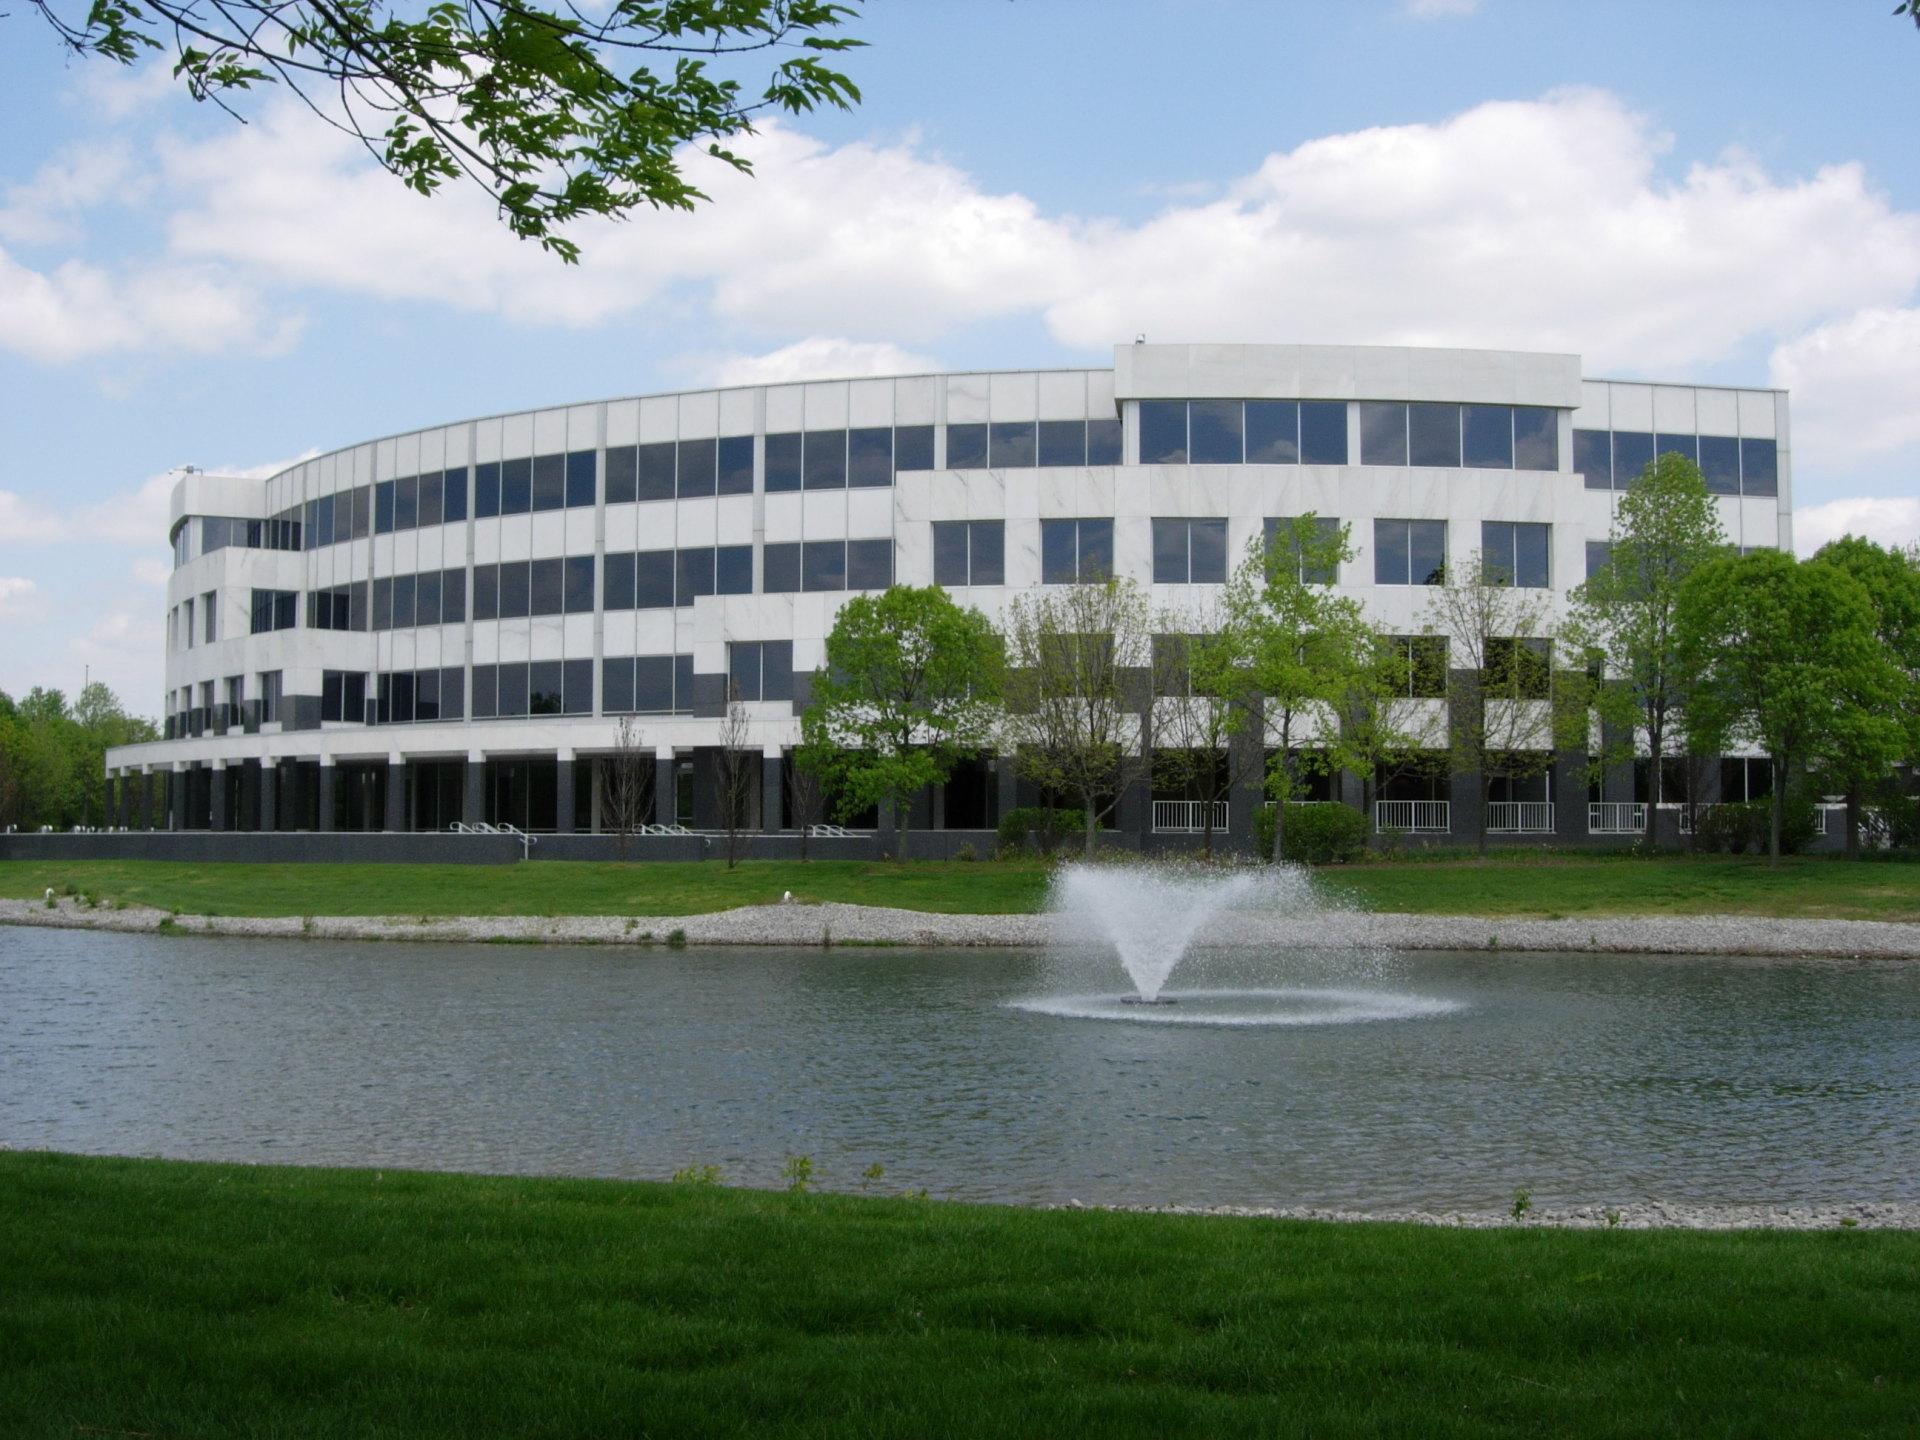 Vora Technology Park Building Exterior #2